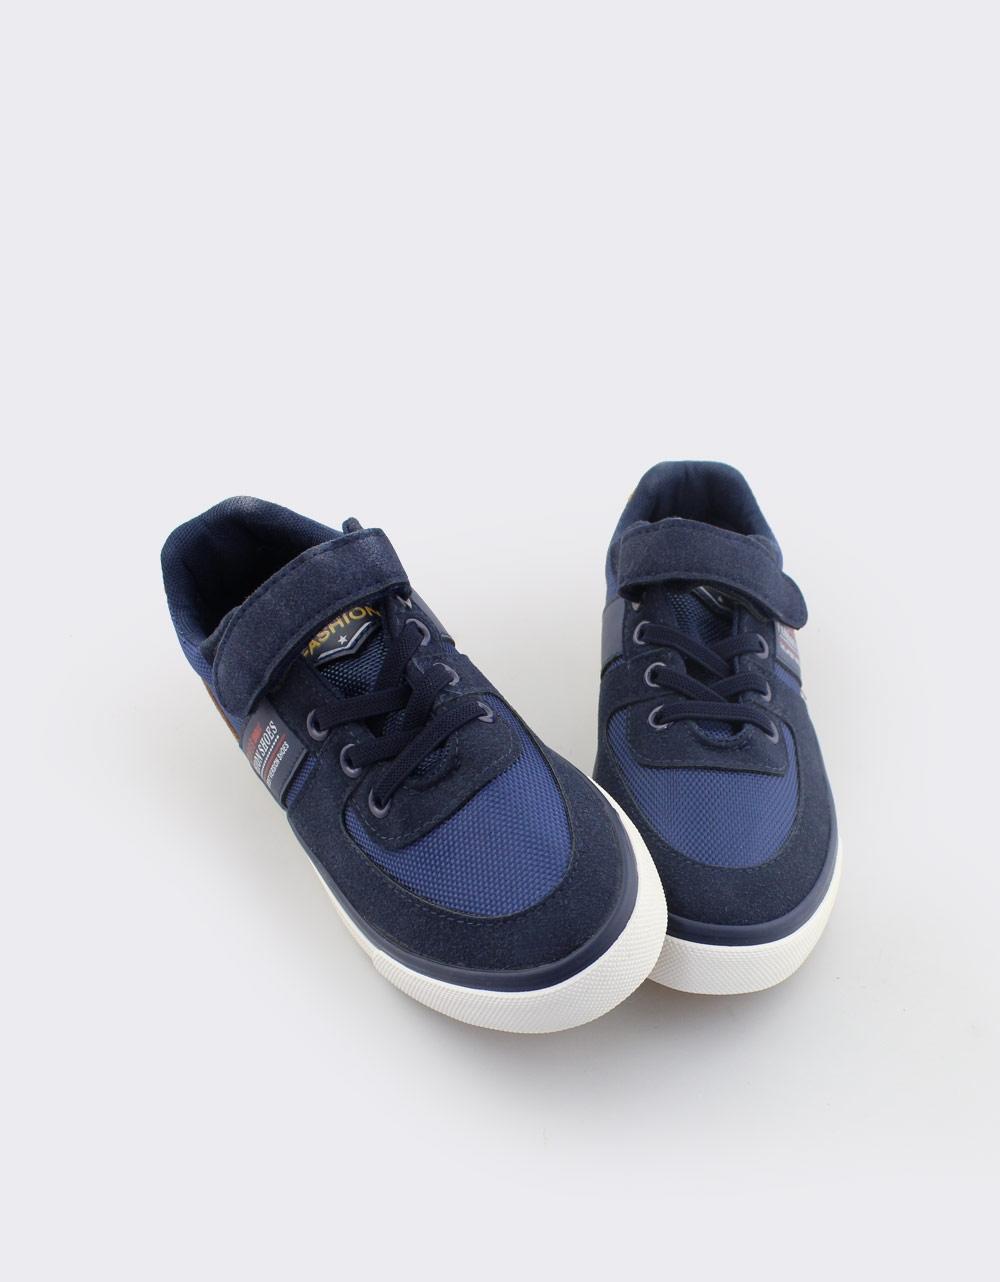 Εικόνα από Παιδικά sneakers με τύπωμα και αυτοκόλλητο Navy